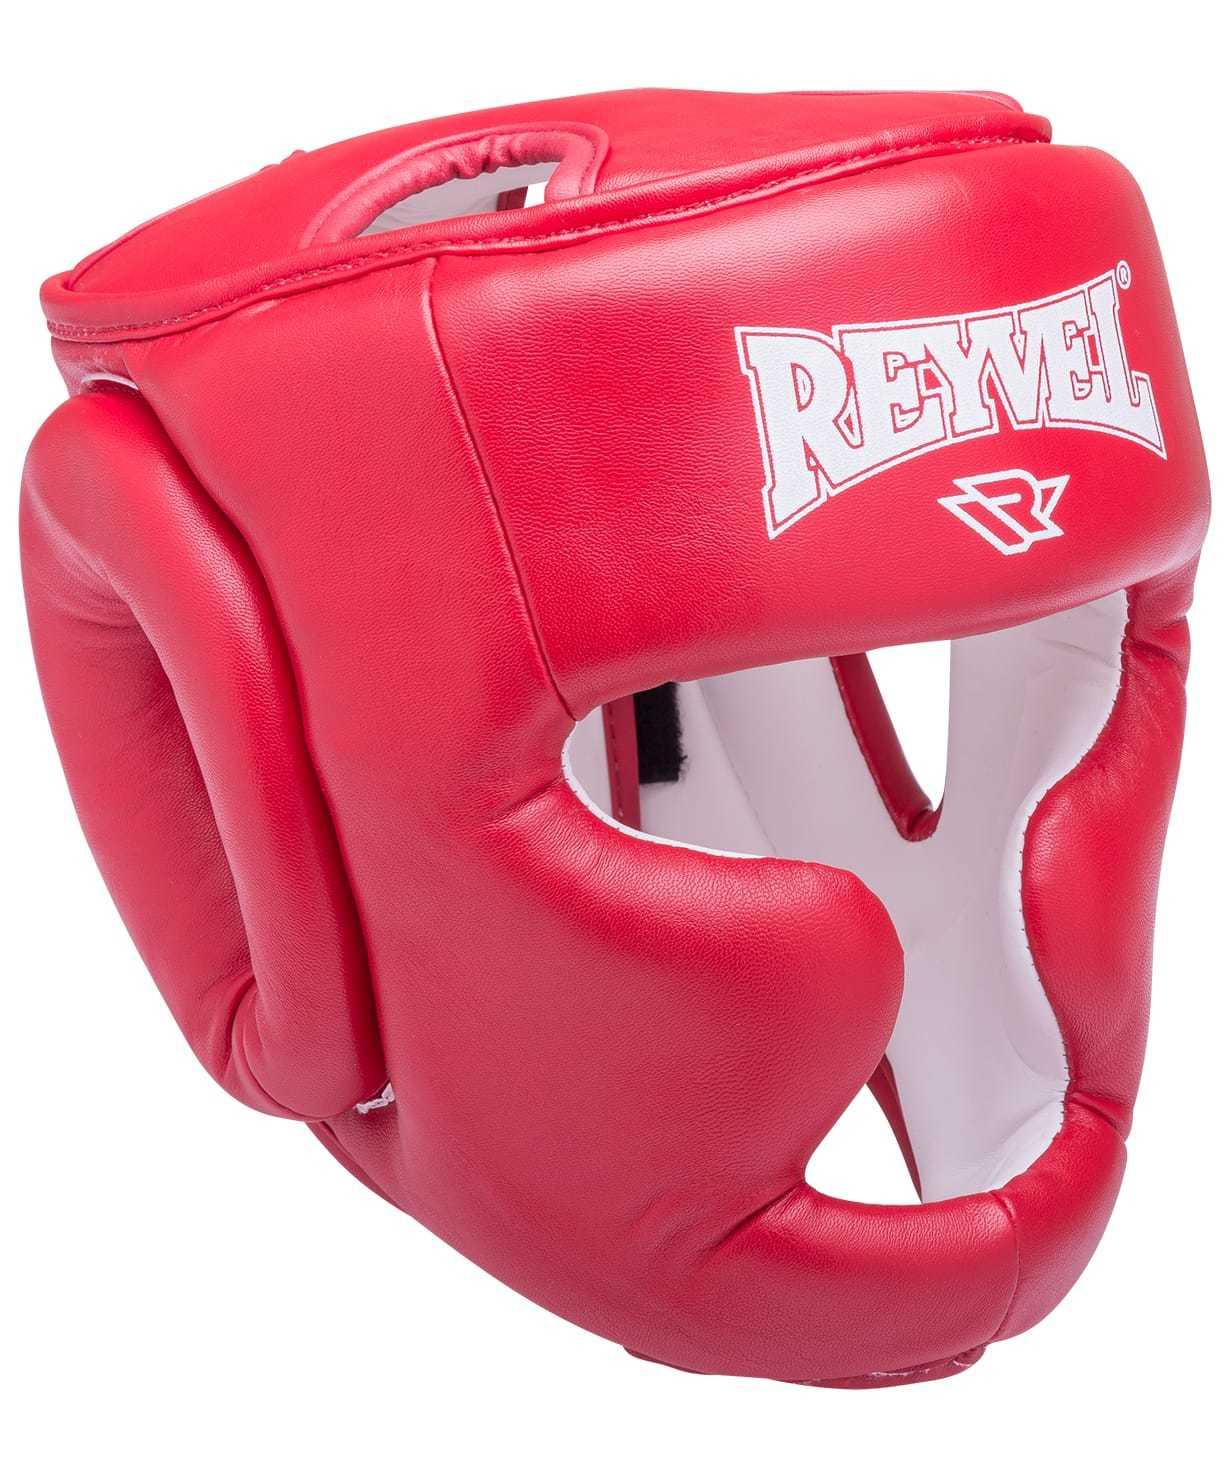 Шлемы Шлем закрытый Reyvel febe08bc25ec3a65d0c149cf483177d3.jpg